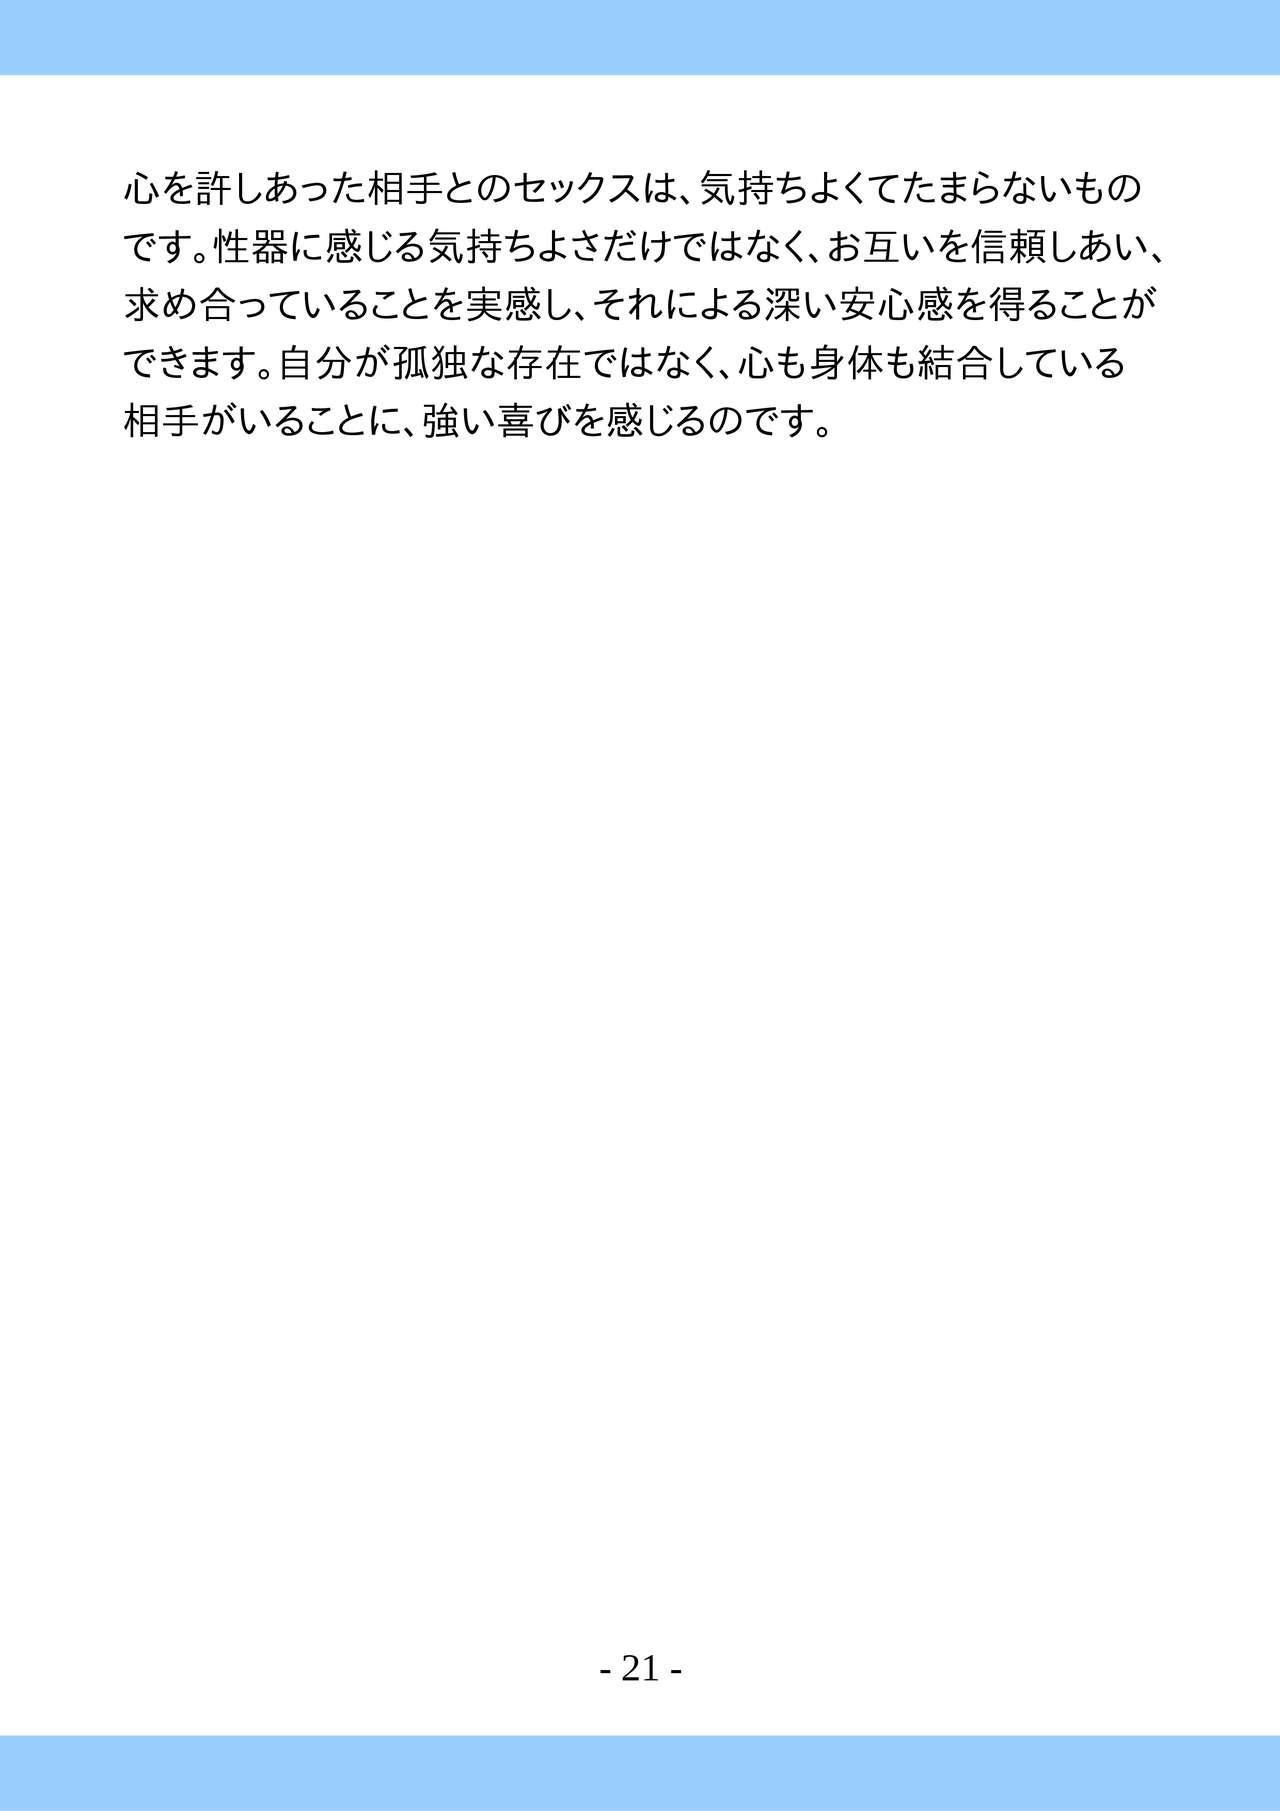 Shishunki no Tame no Tottemo Kimochii Sex no Ohanashi 20